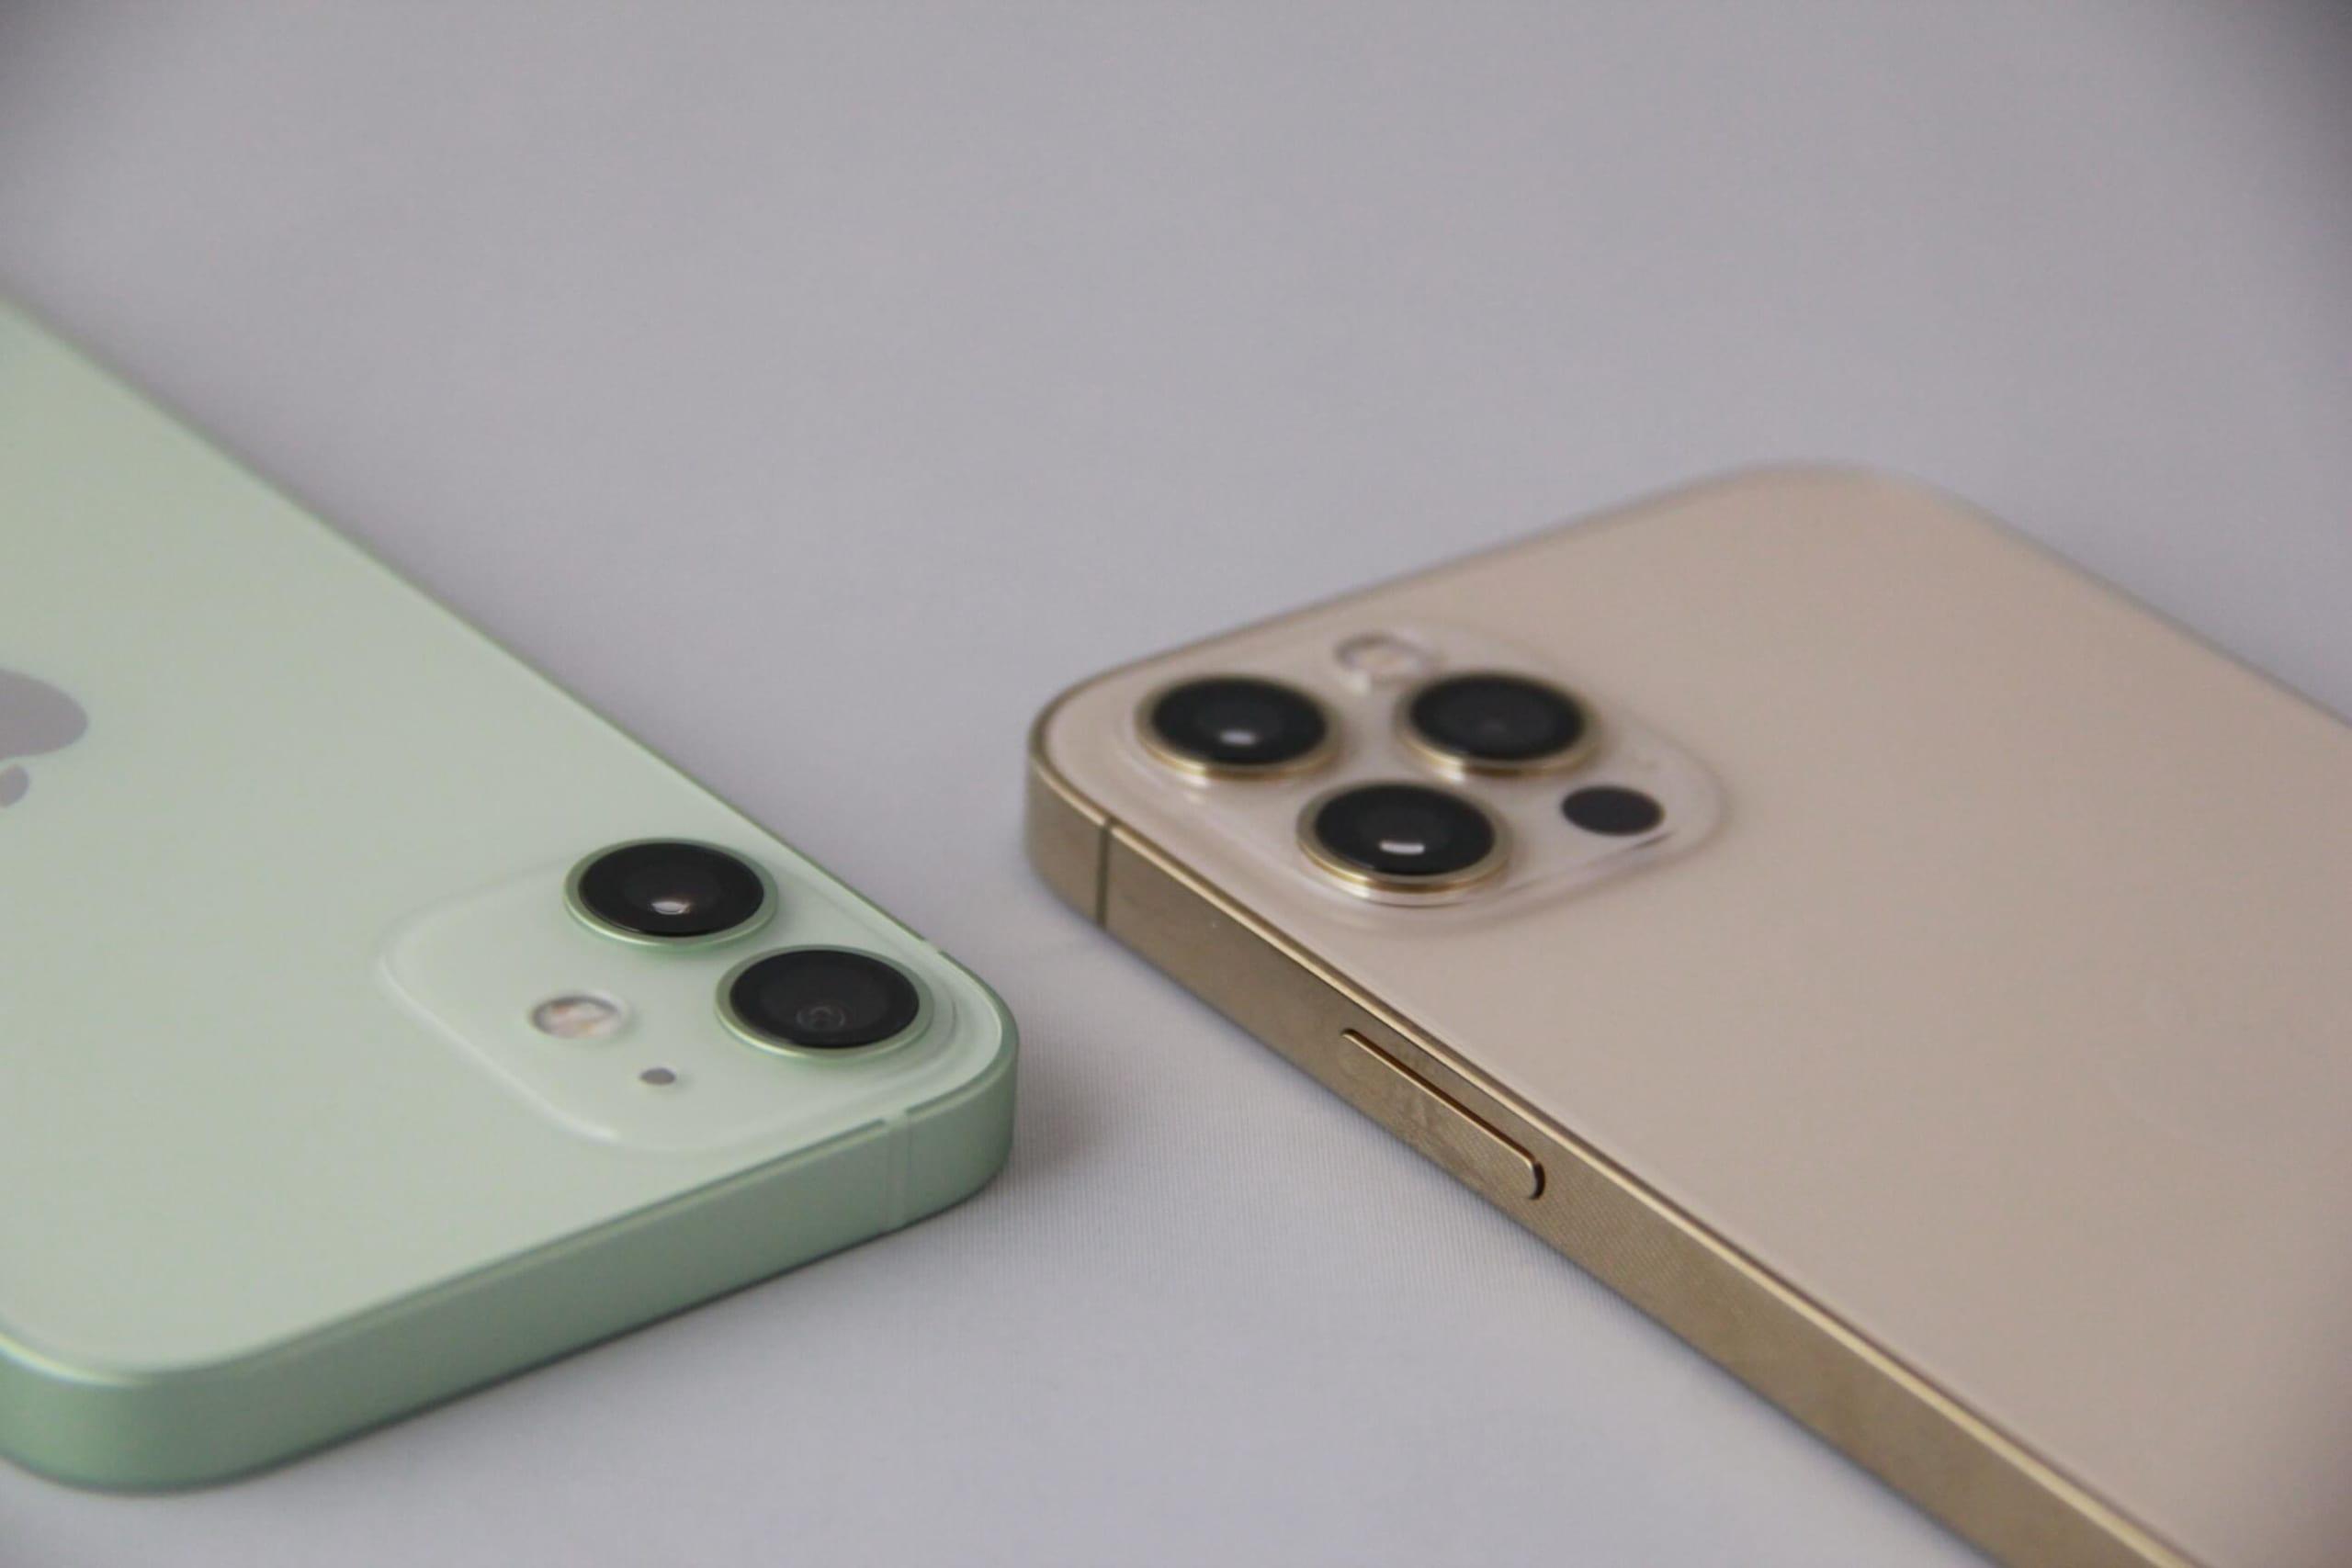 【実機レビュー】iPhone 12 miniとProのスペック・デザイン・カメラ性能を徹底比較|どっちを選ぶべき?